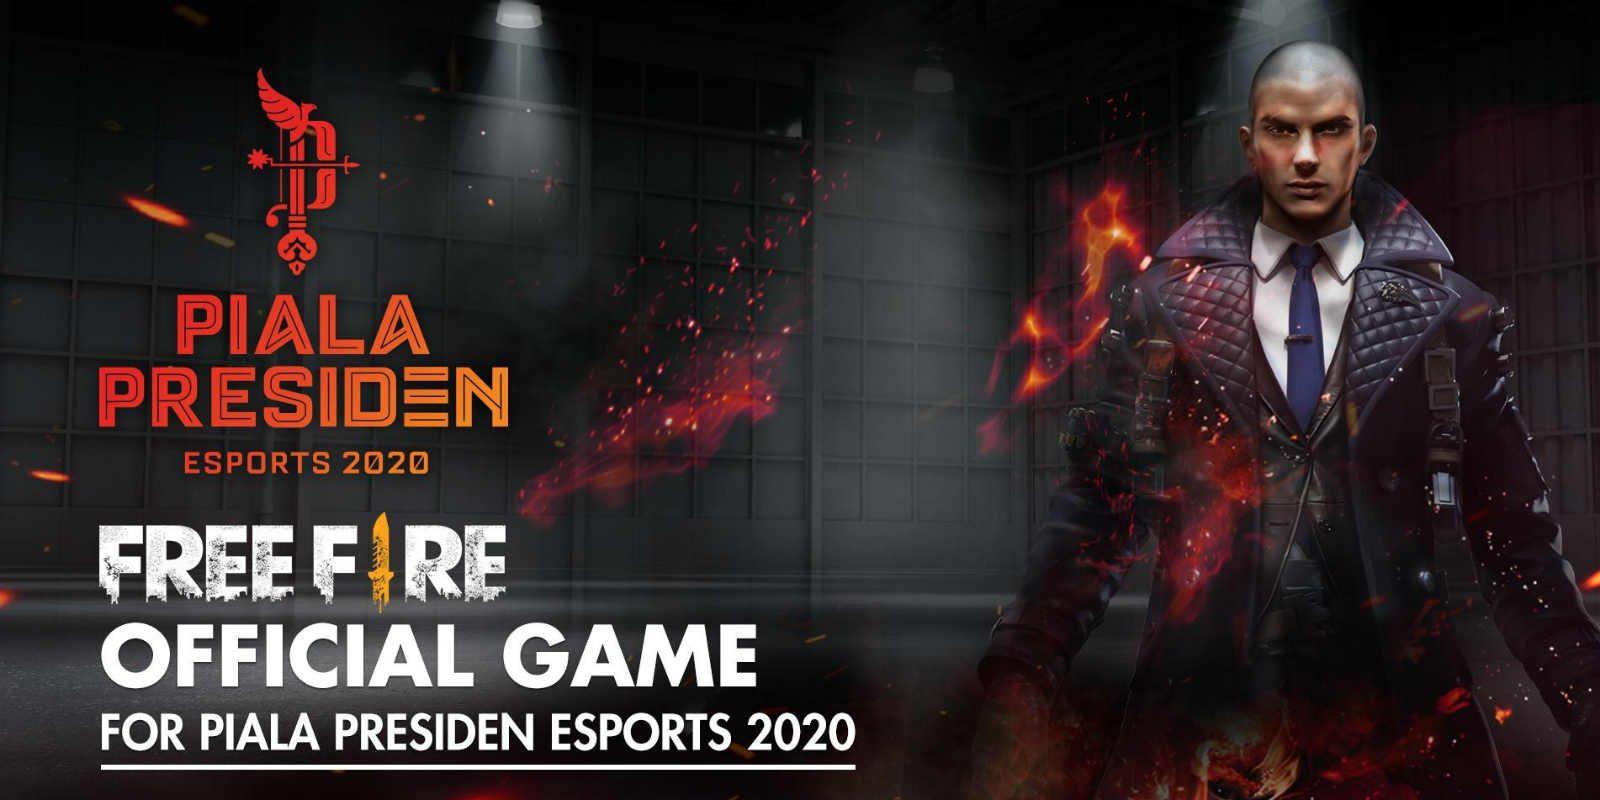 Alasan Garena Free Fire jadi Game Piala Presiden eSport 2020